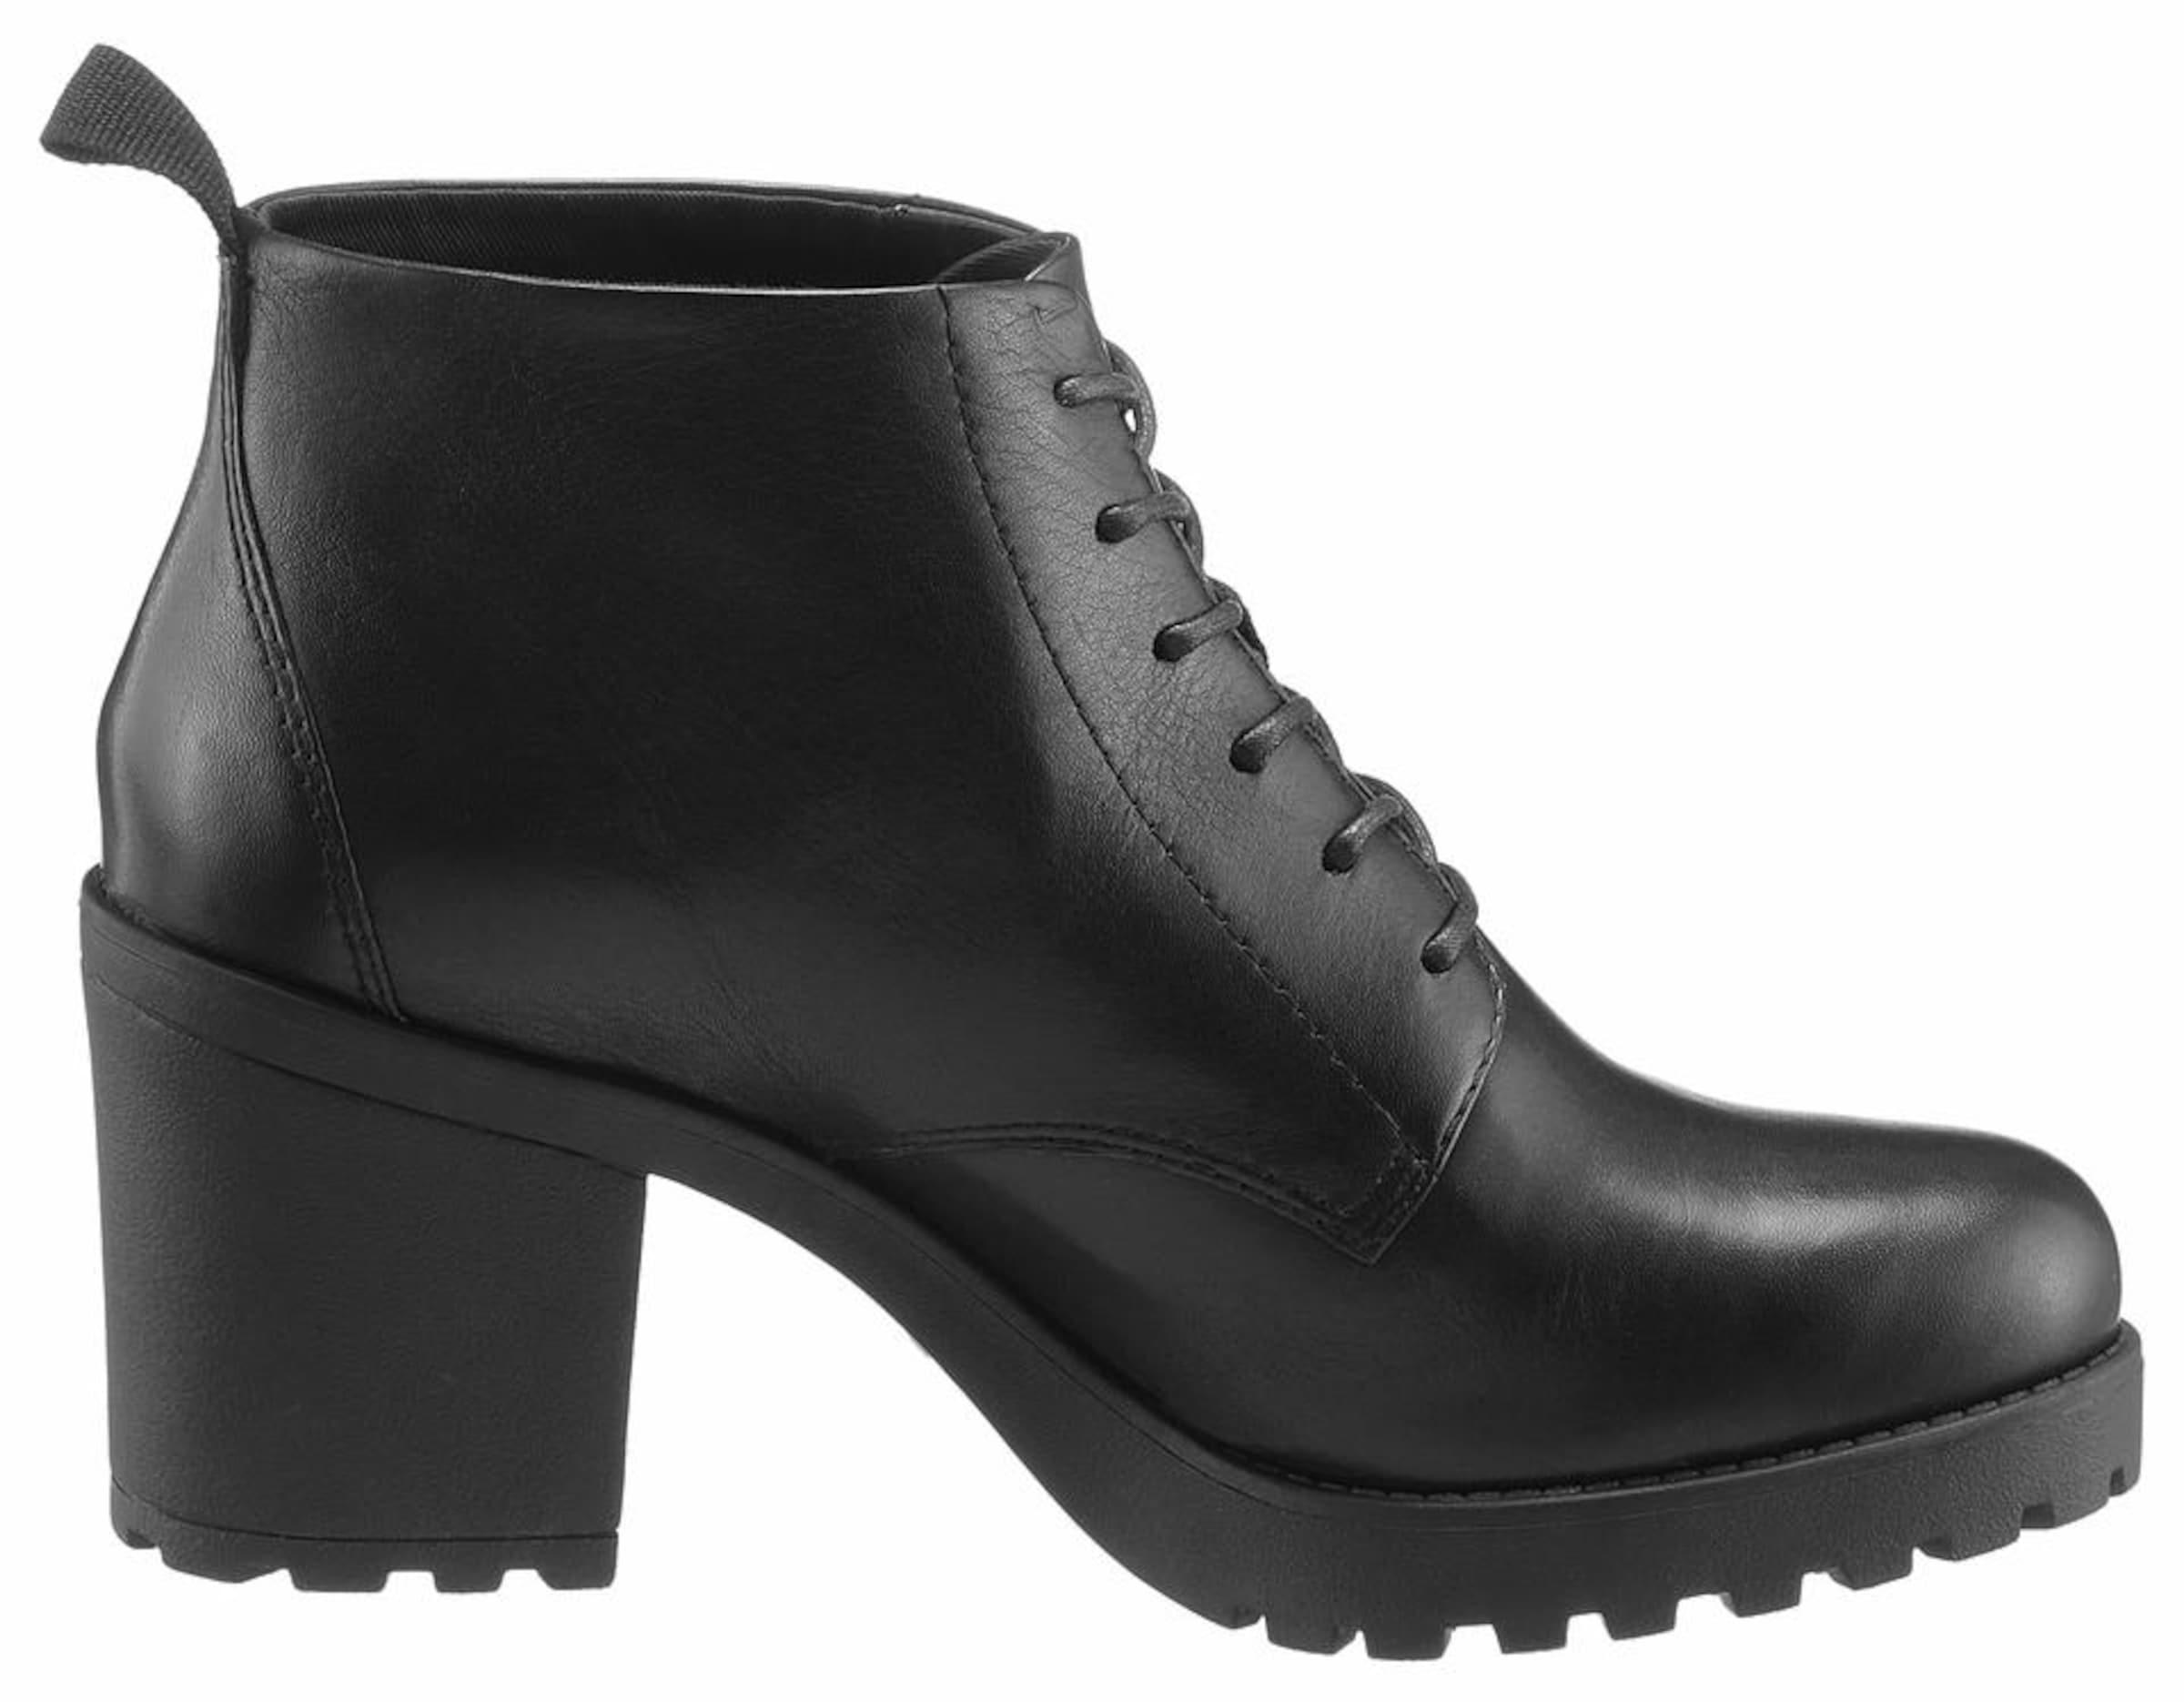 Schwarz Shoemakers Stiefelette In Stiefelette Vagabond In Schwarz Shoemakers Vagabond kZOuXiP